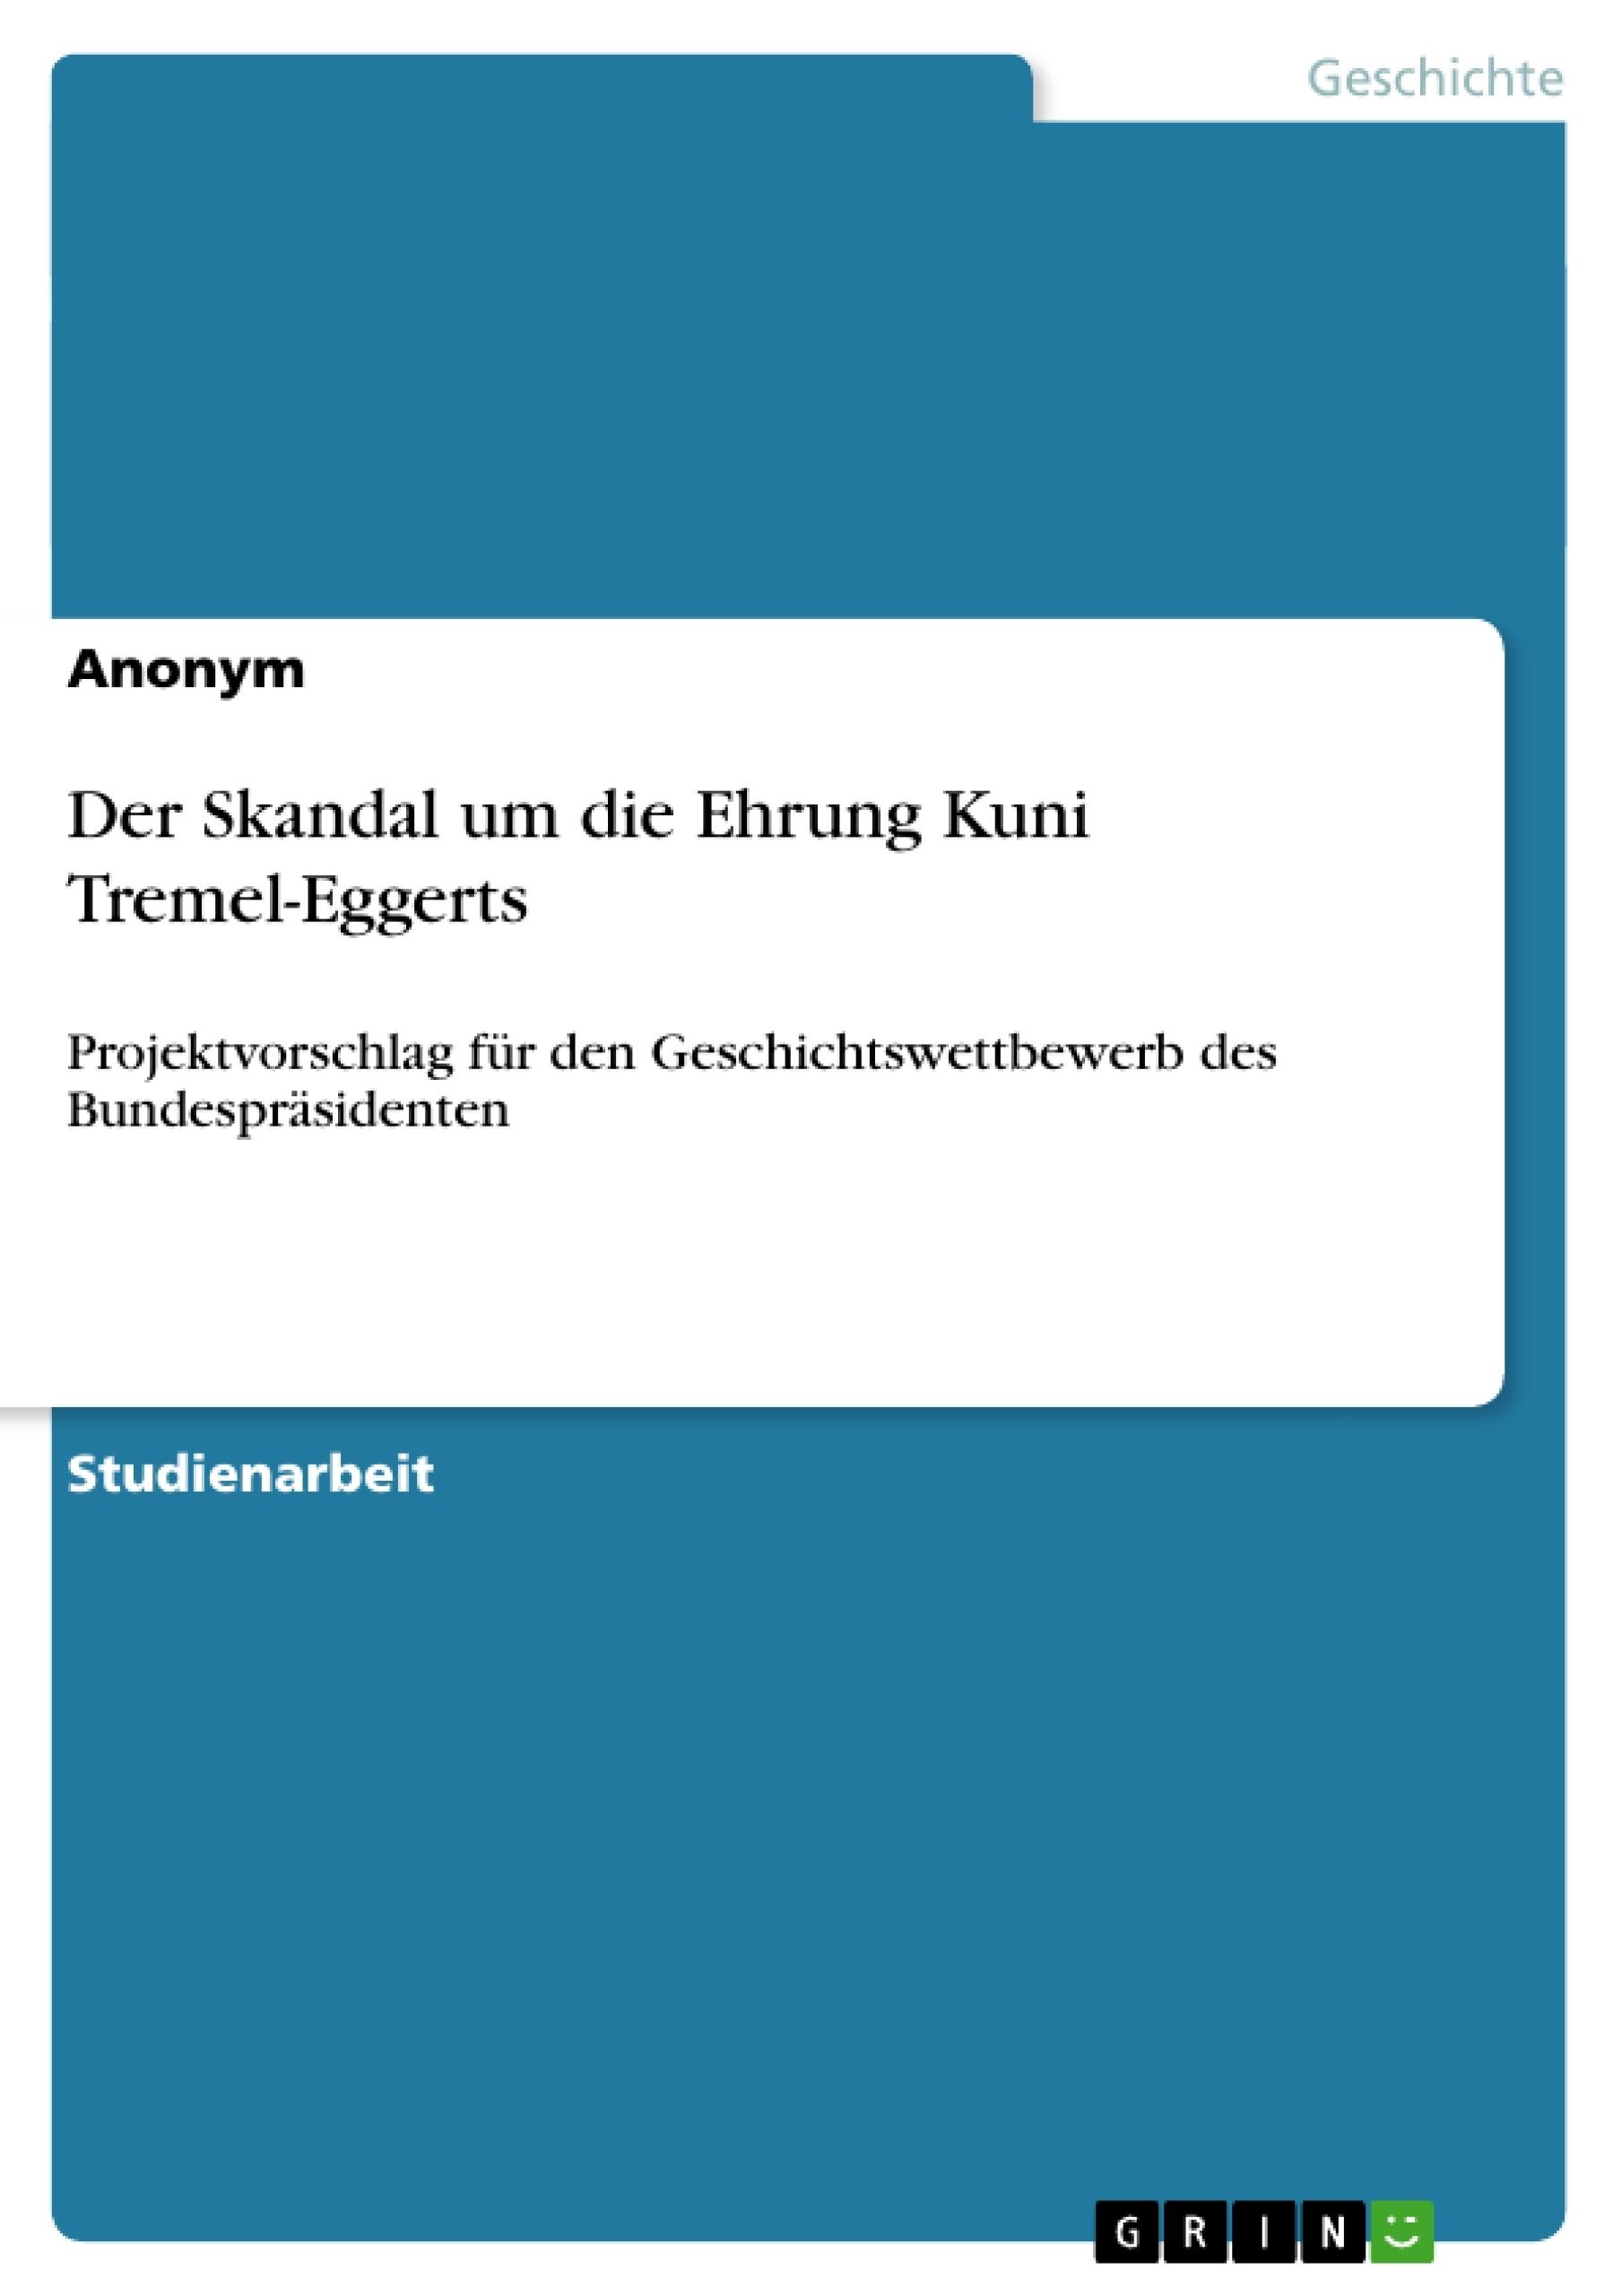 Der Skandal um die Ehrung Kuni Tremel-Eggerts | Masterarbeit ...